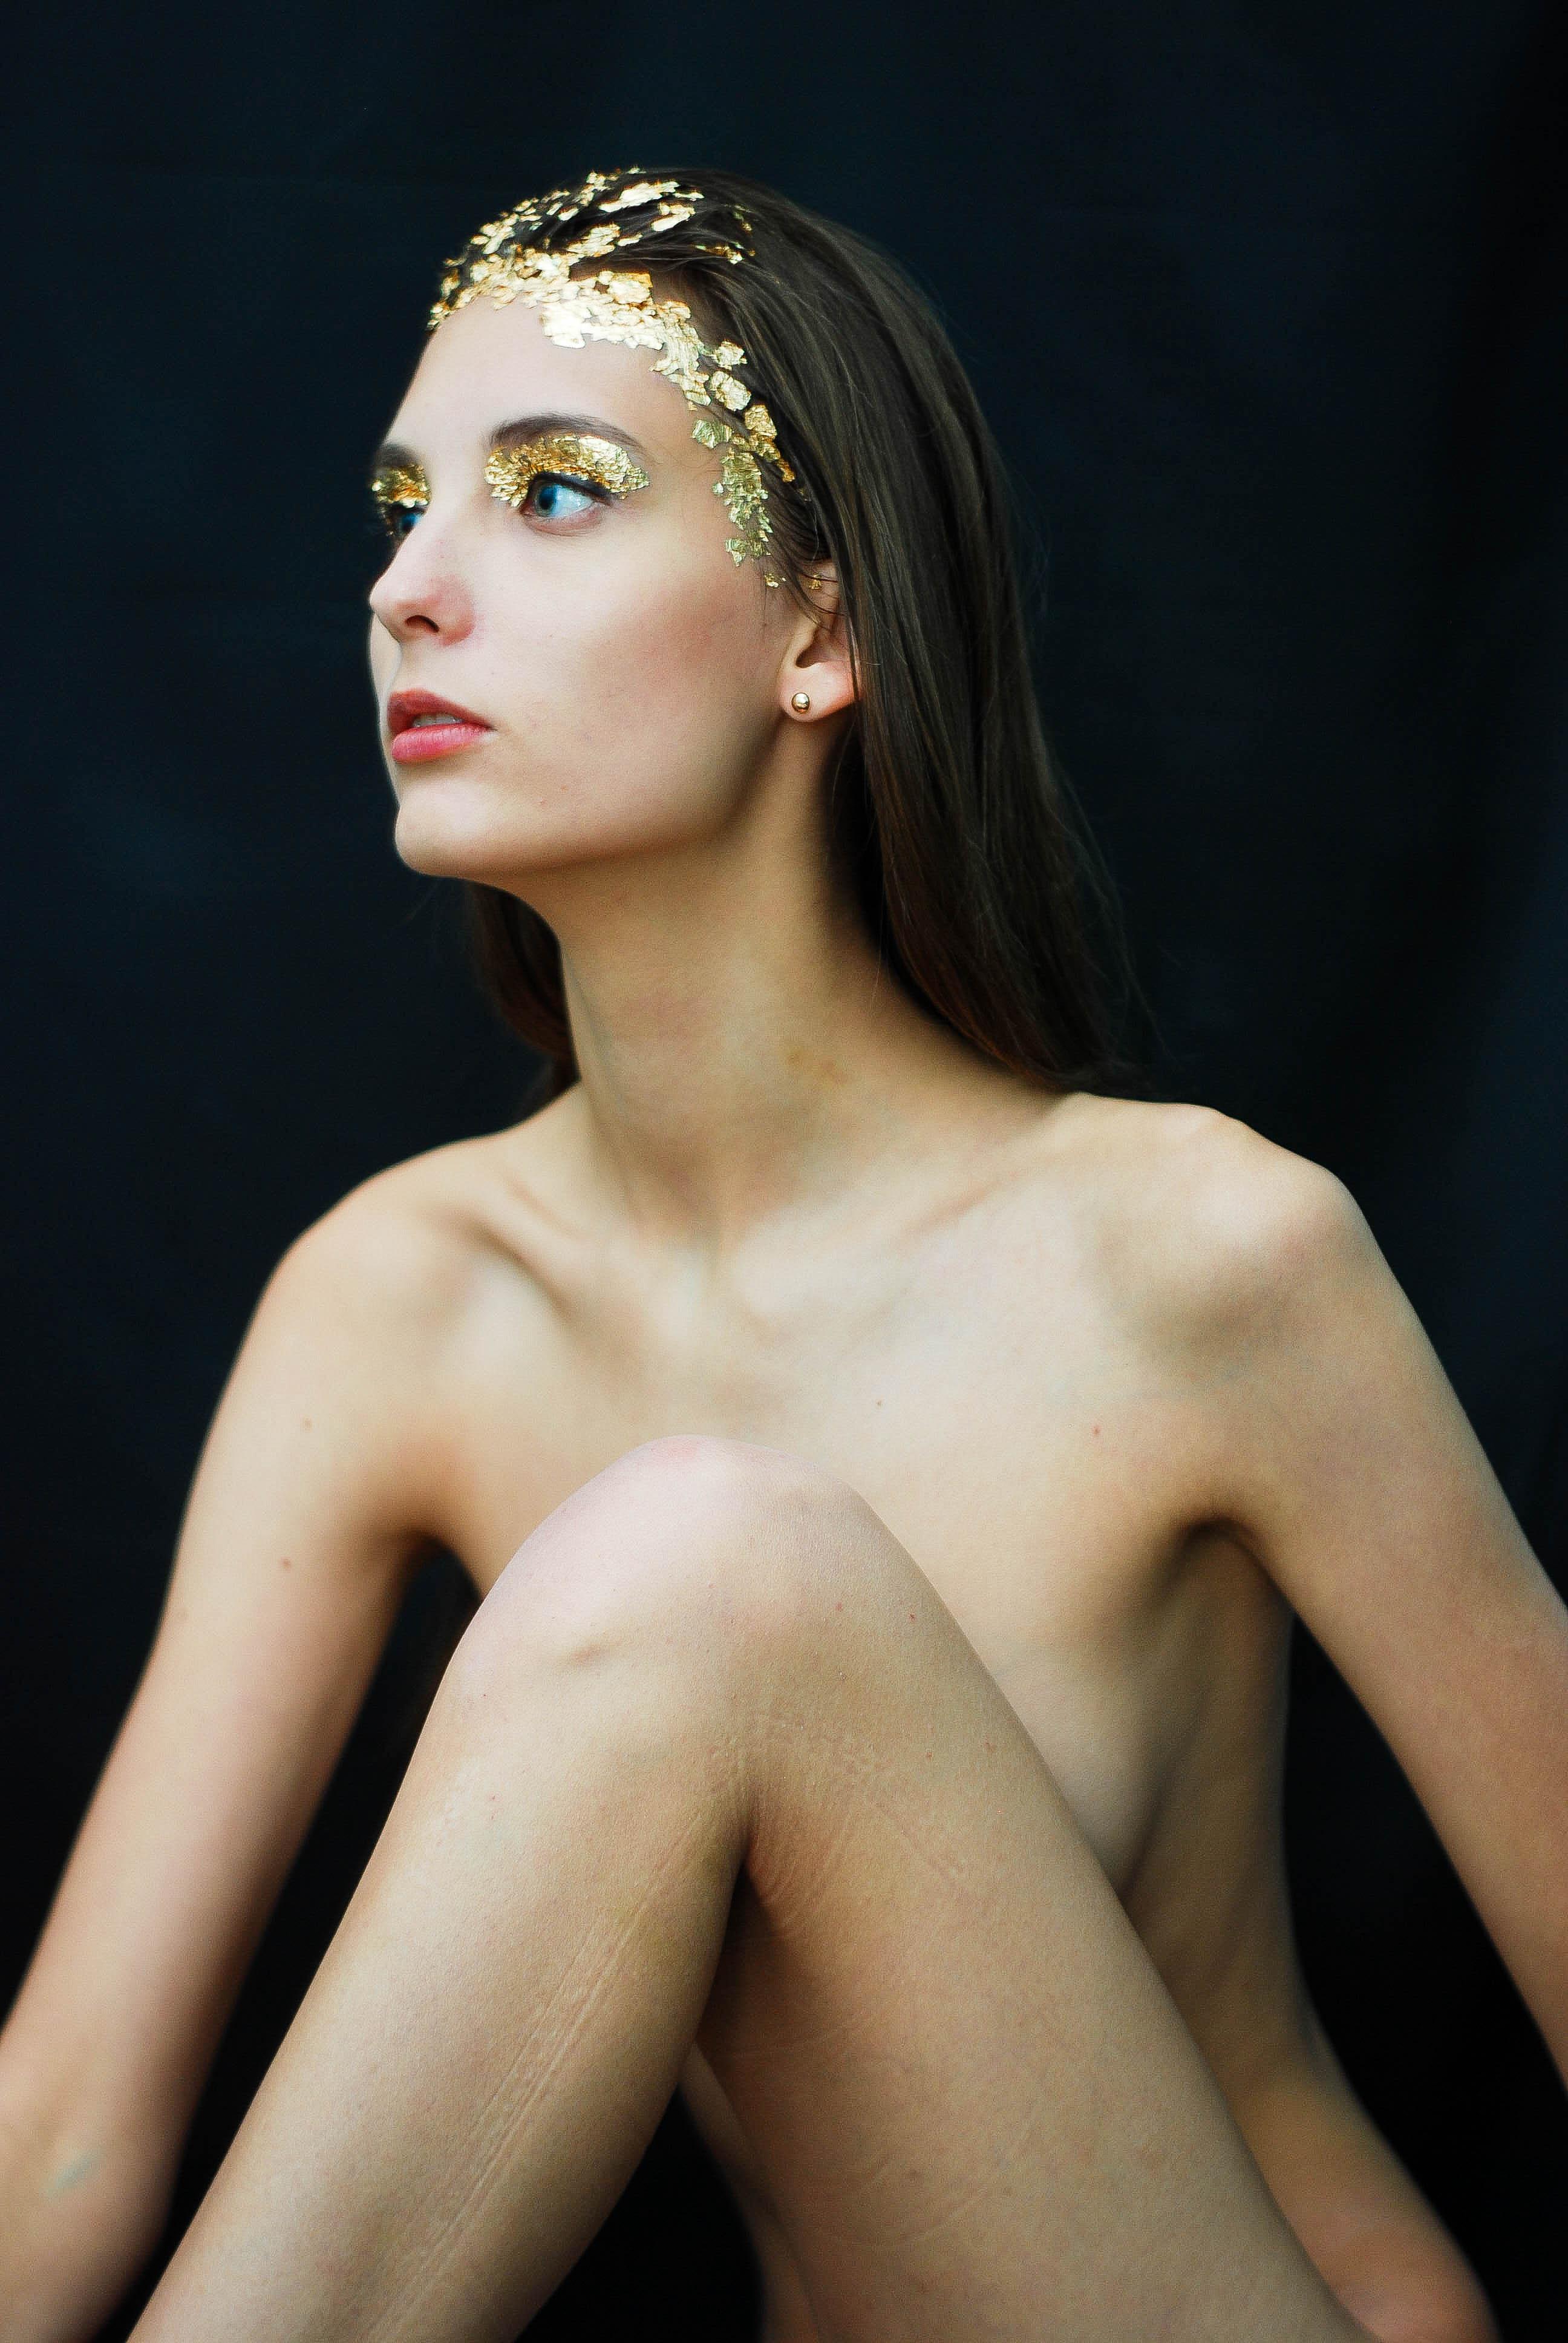 Фото голих дівчат жовківський район 17 фотография